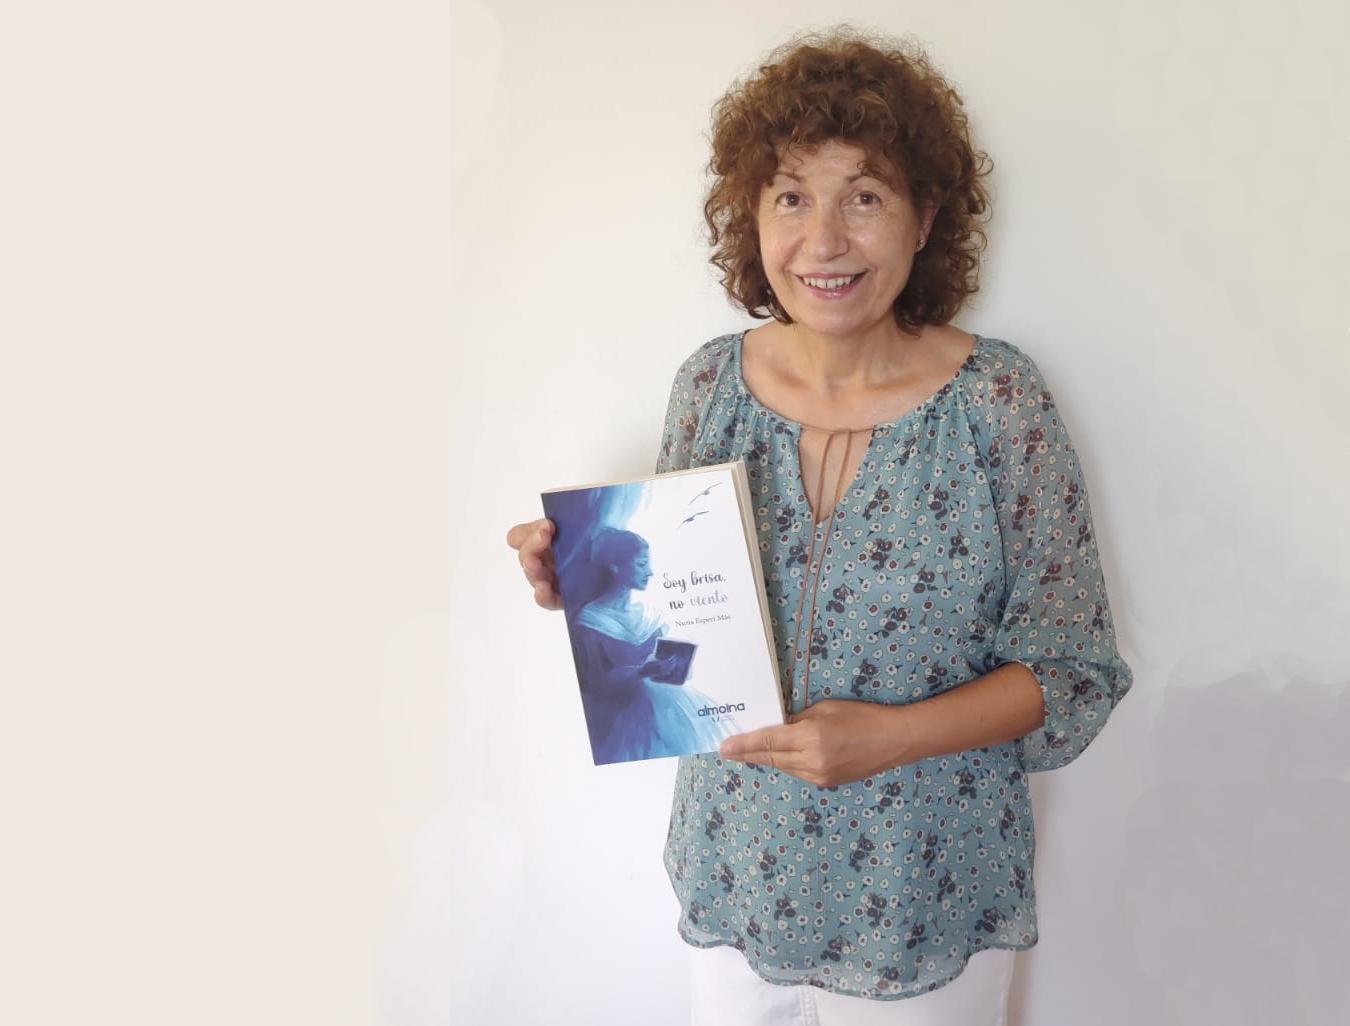 Un homenatge a Ontinyent descansa en les línies de la nova novel·la de Nuria Espert El Periòdic d'Ontinyent - Noticies a Ontinyent